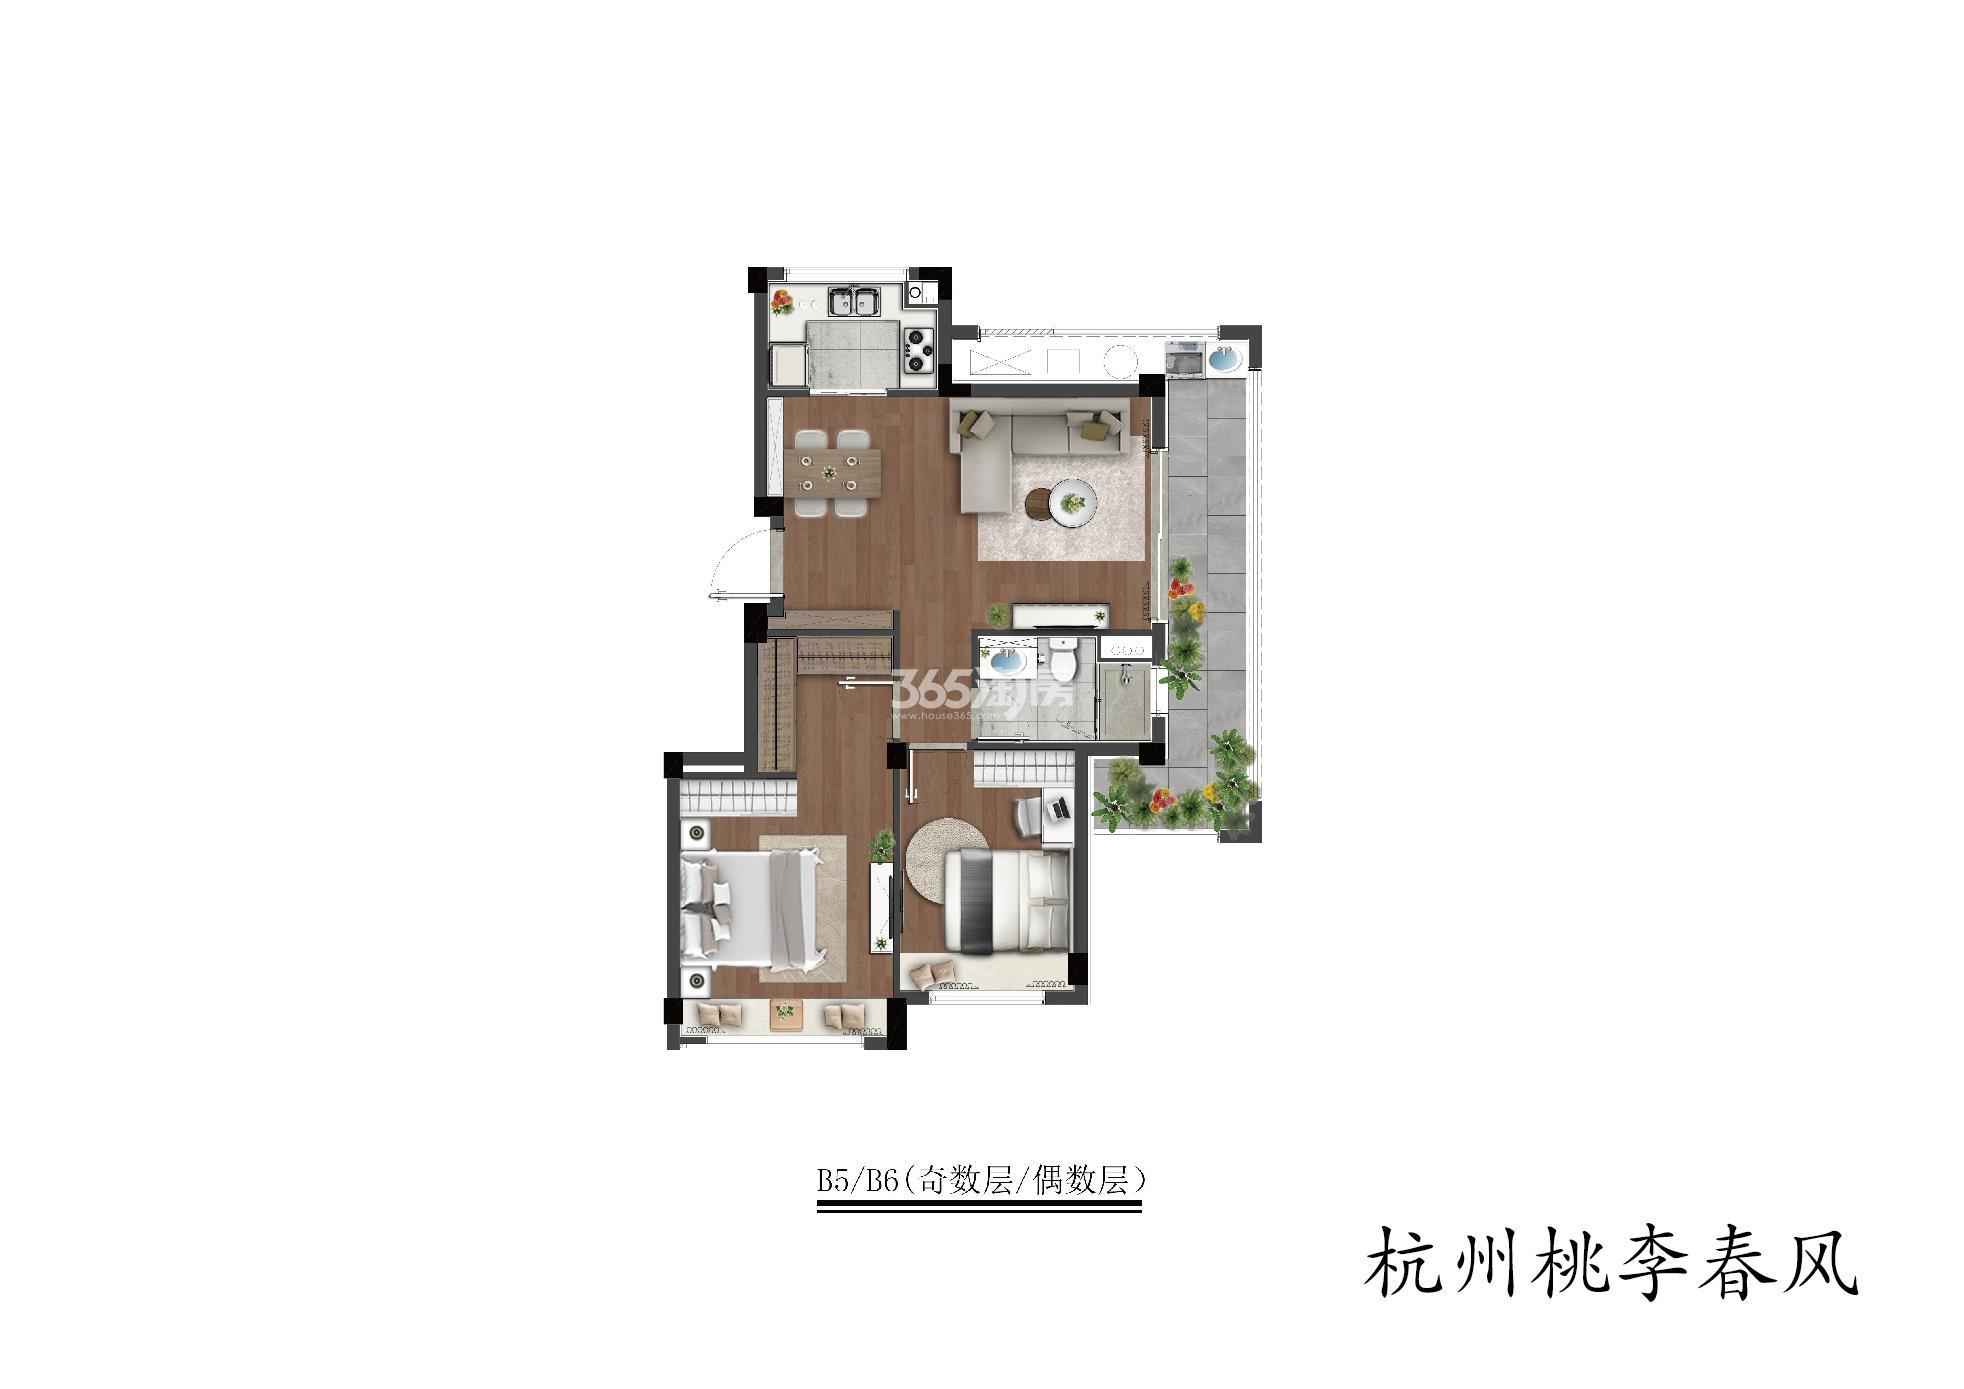 桃李春风B5/b6(奇数层/偶数层)洋房